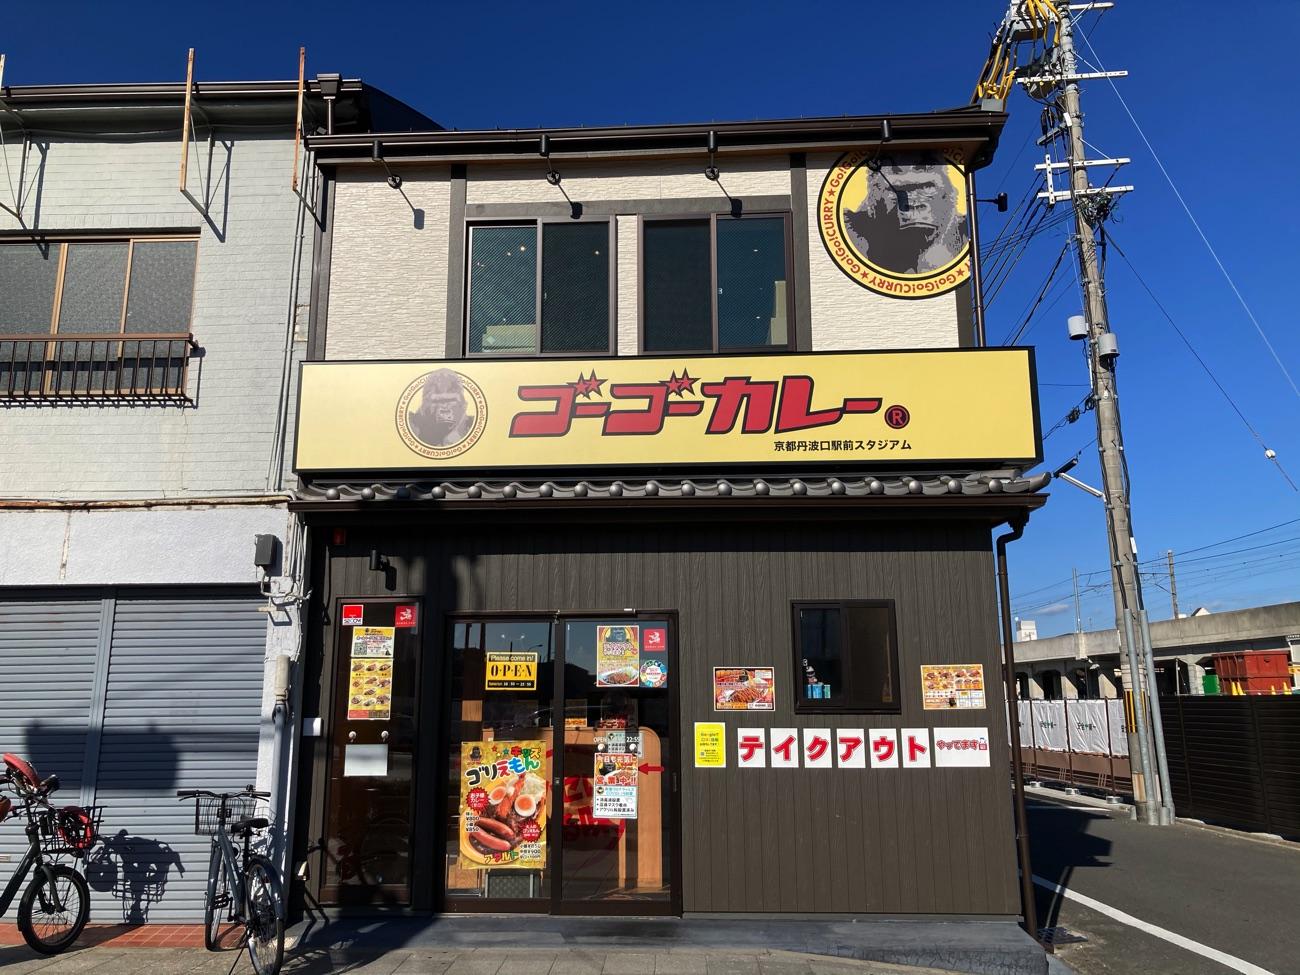 「ゴーゴーカレー 京都丹波口駅前スタジアム」の外観